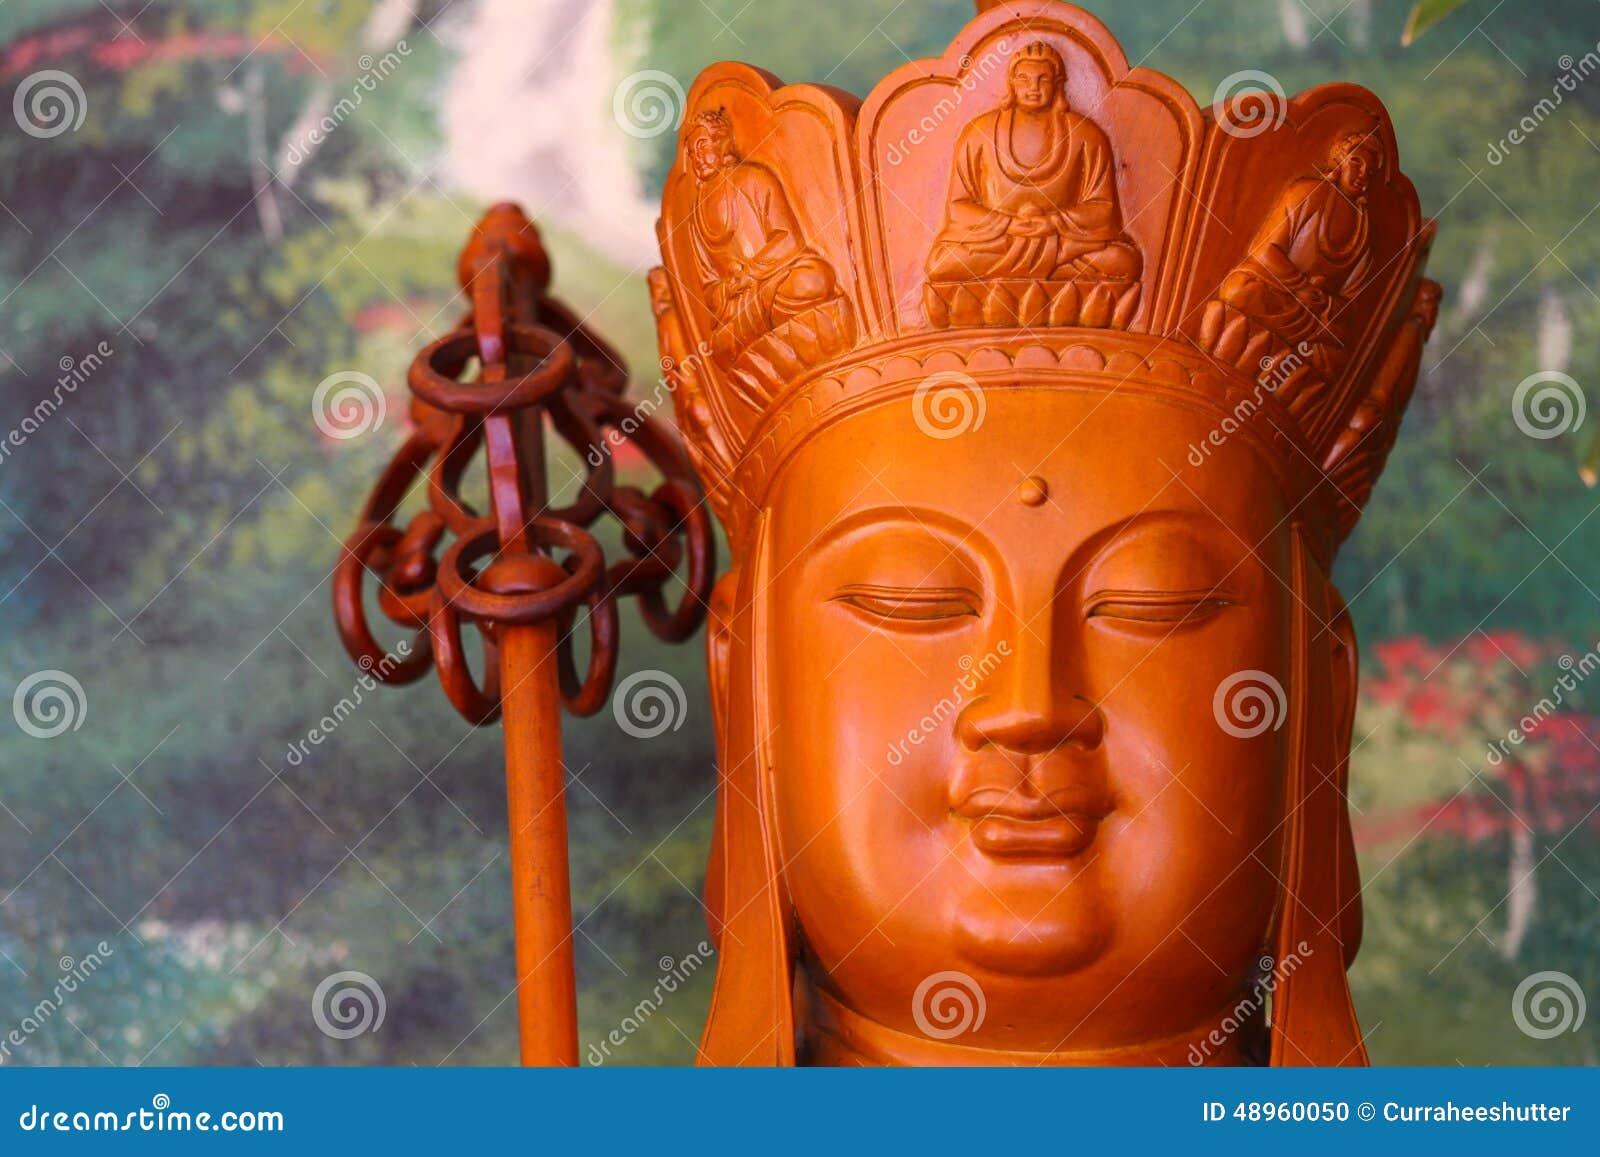 выглядеть такой фото богов богача китайские чтоб помогли высокой